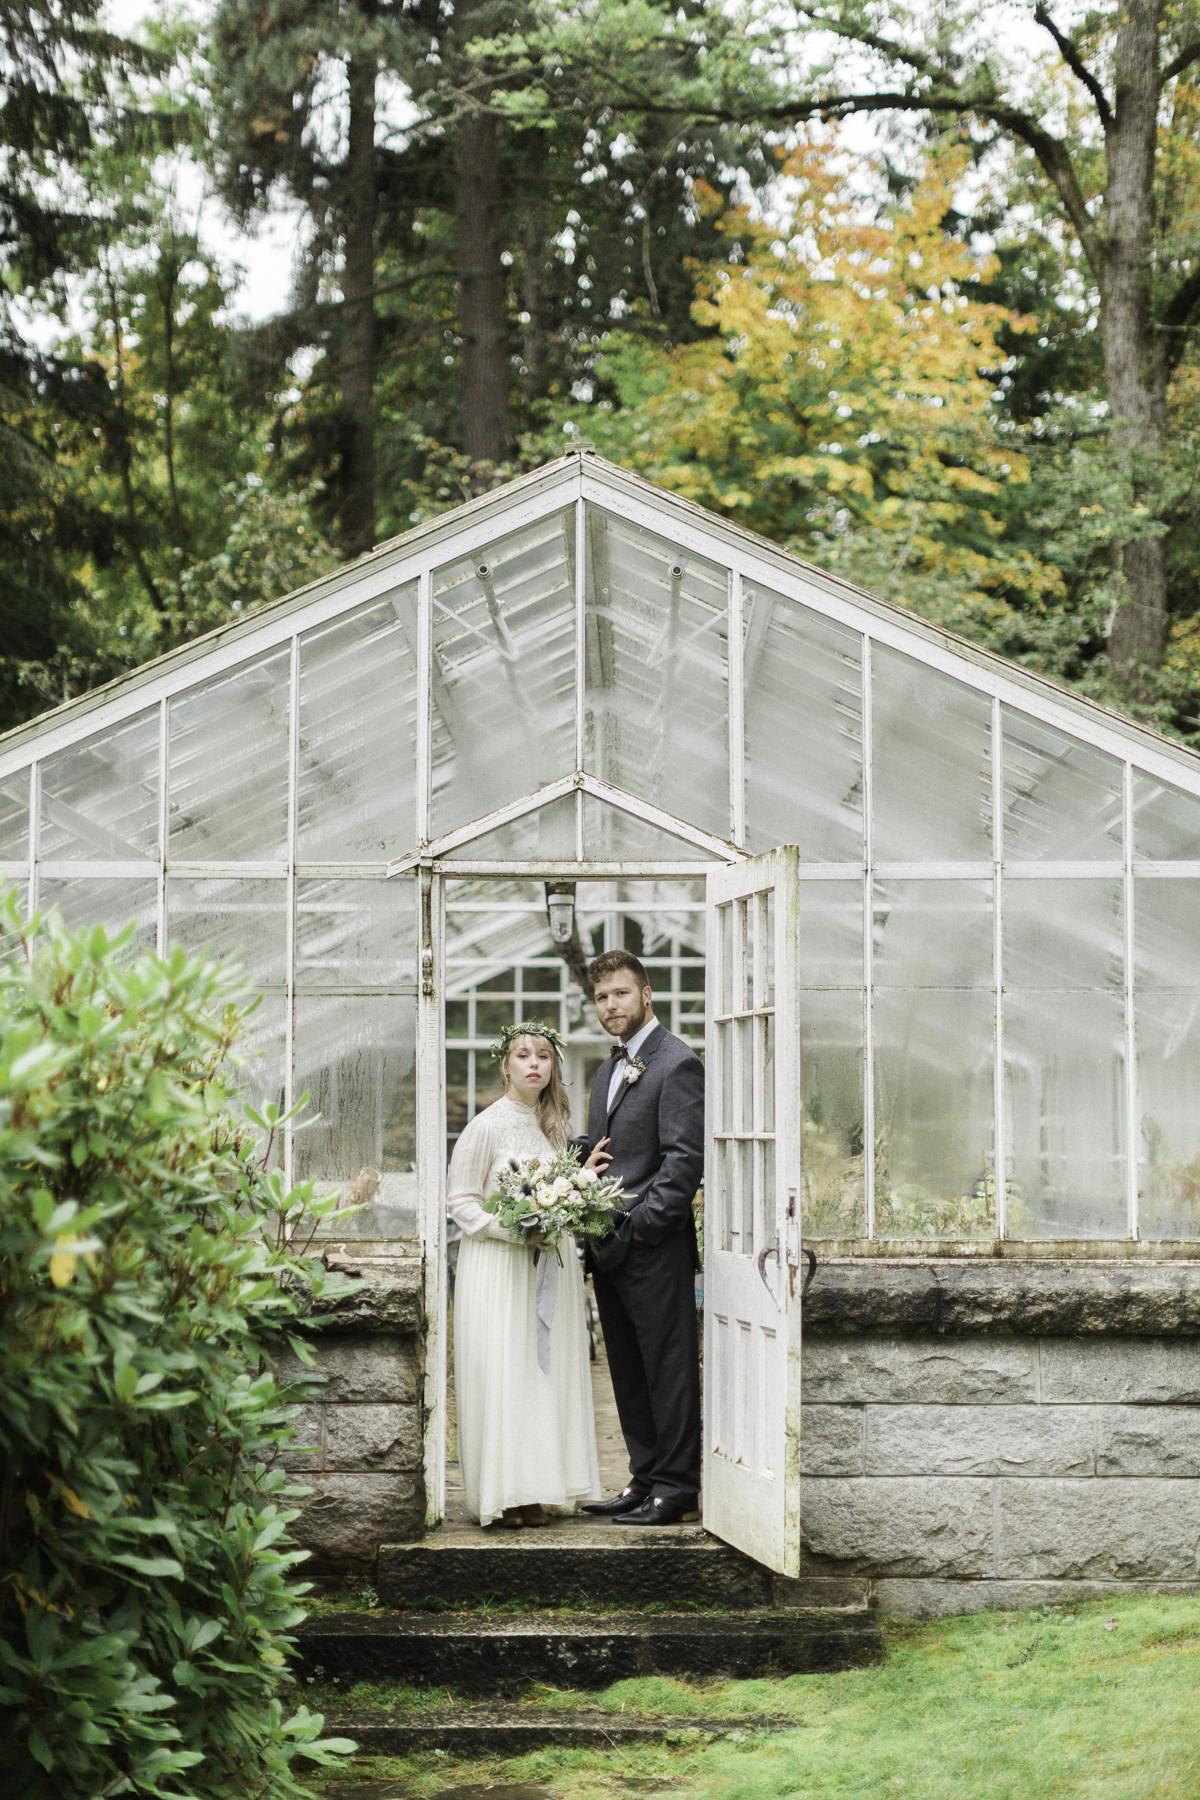 Matt-and-Chelsey-Nelson-wedding-34.jpg